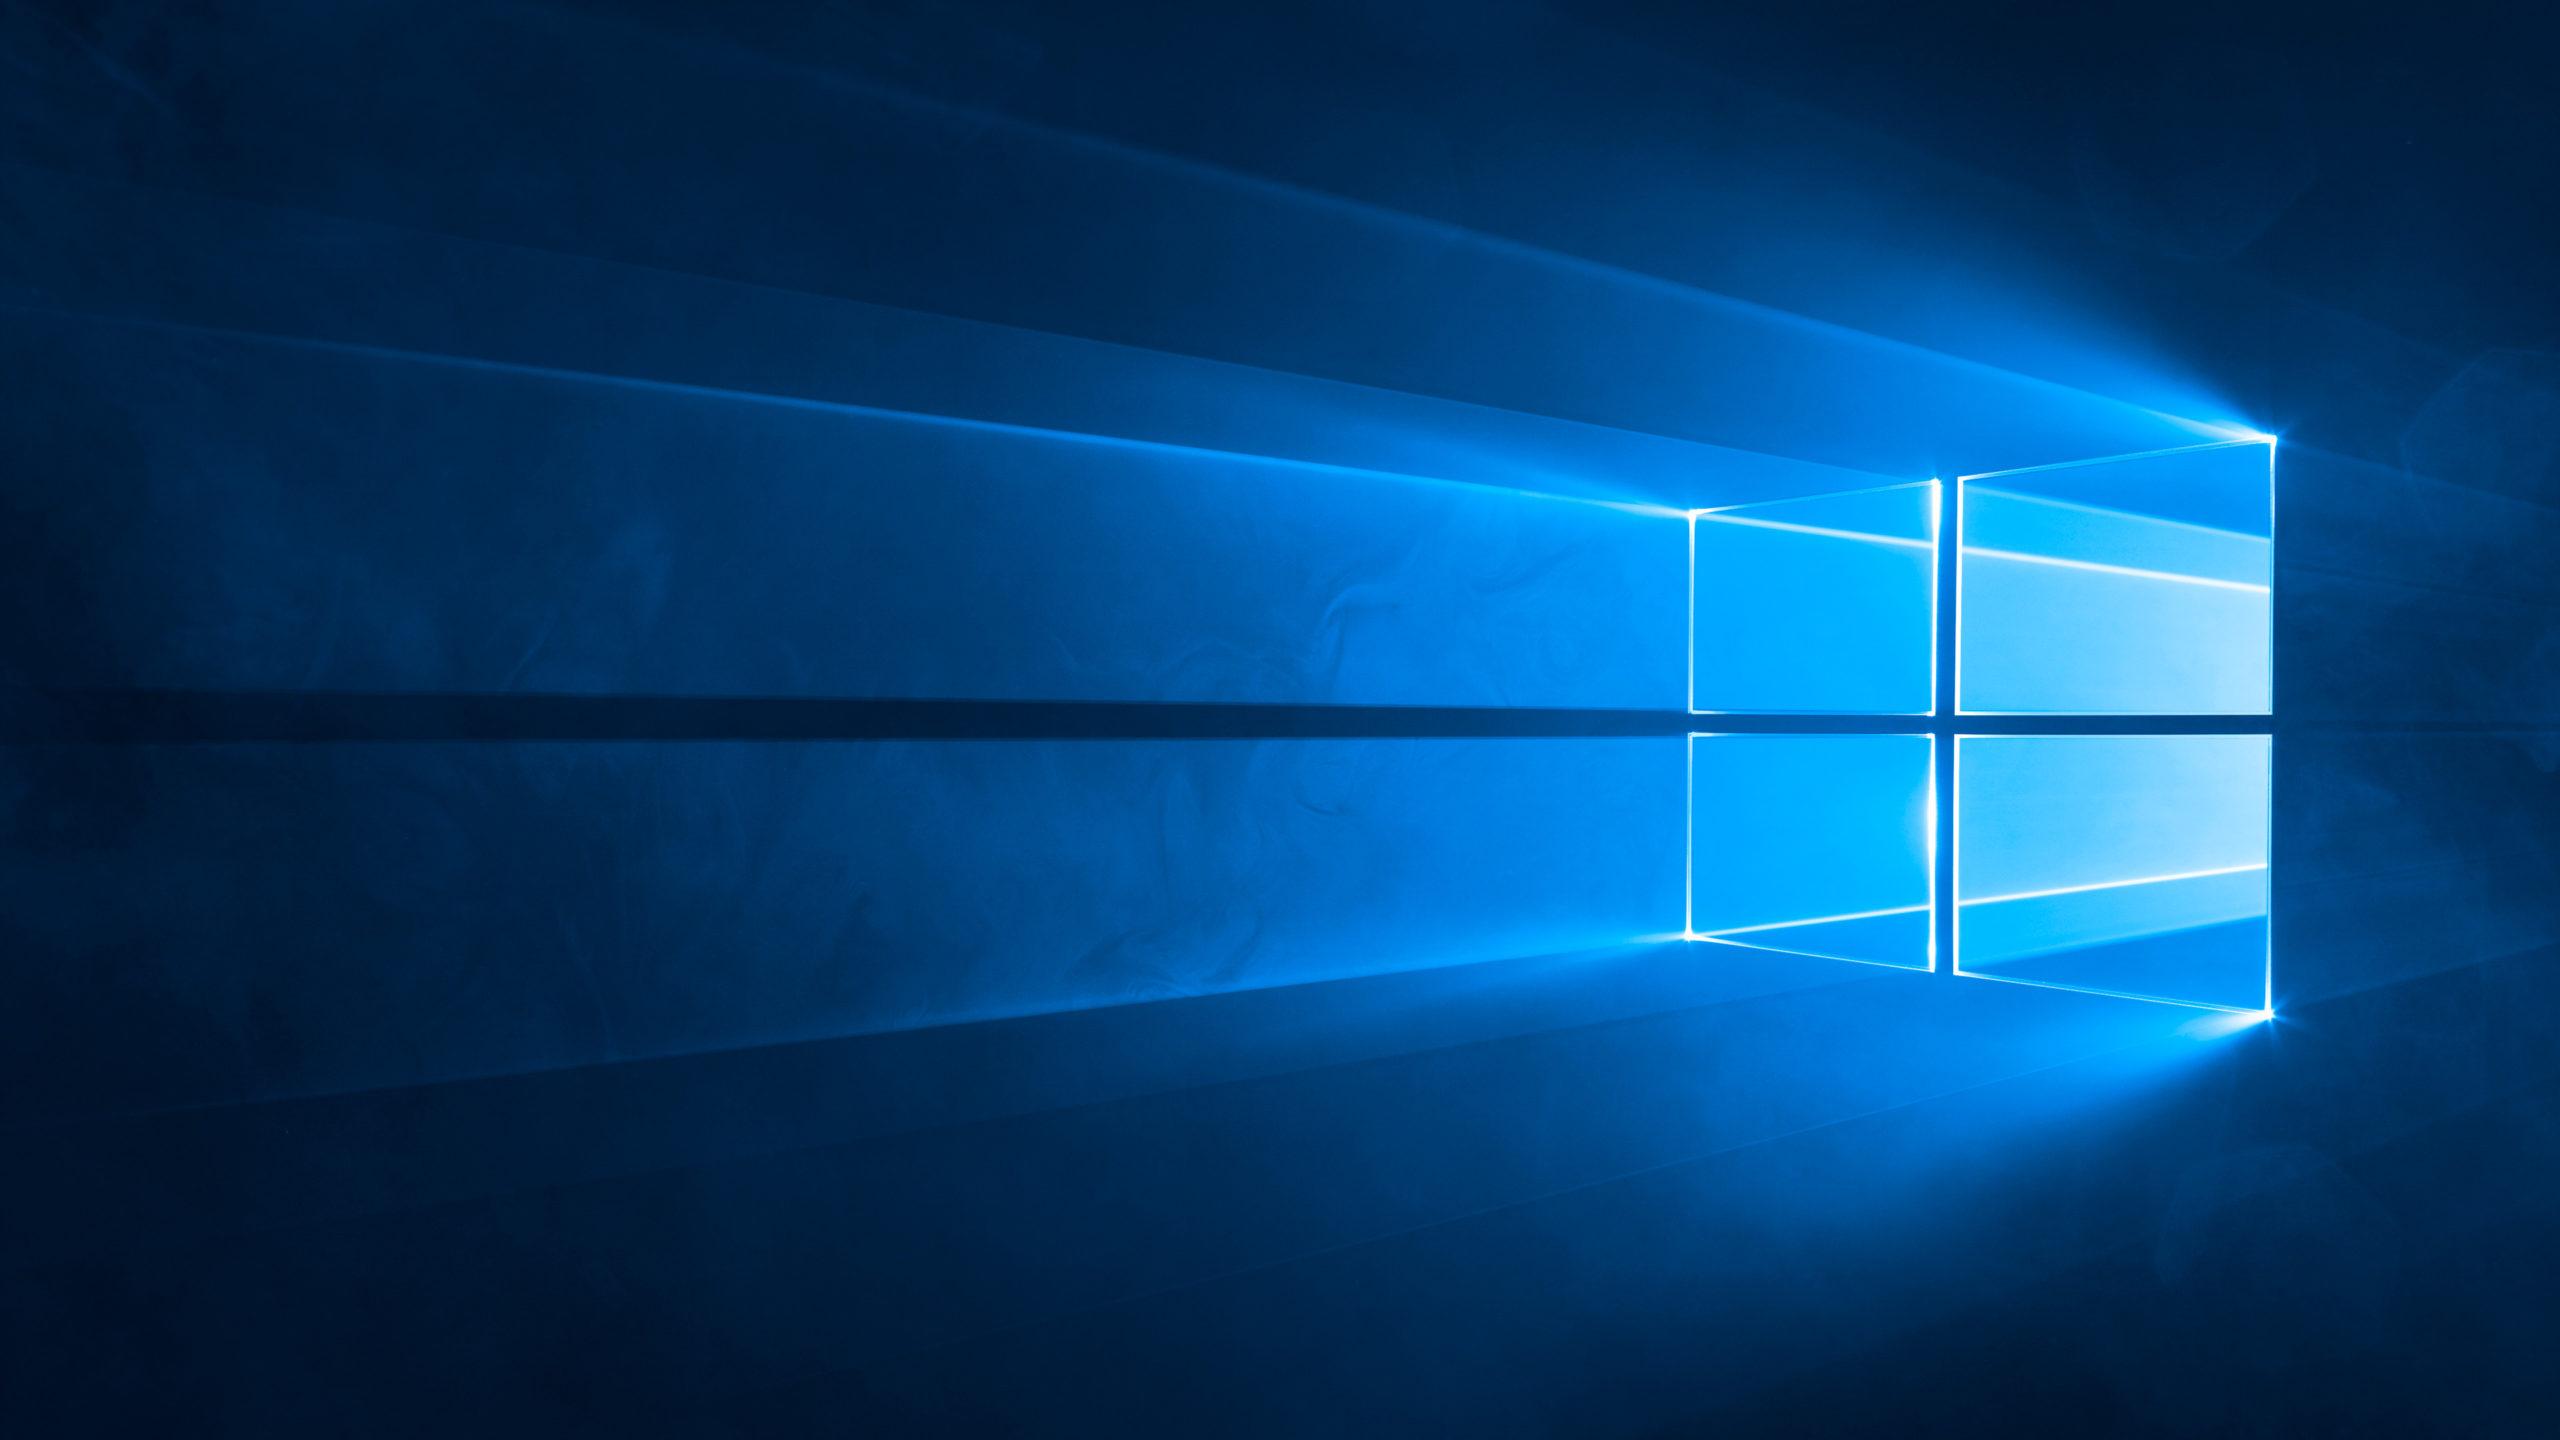 4kまで対応 Windows 10初期のデフォルト壁紙をダウンロードする方法 パソコンで困ったときに見るサイト By庄屋